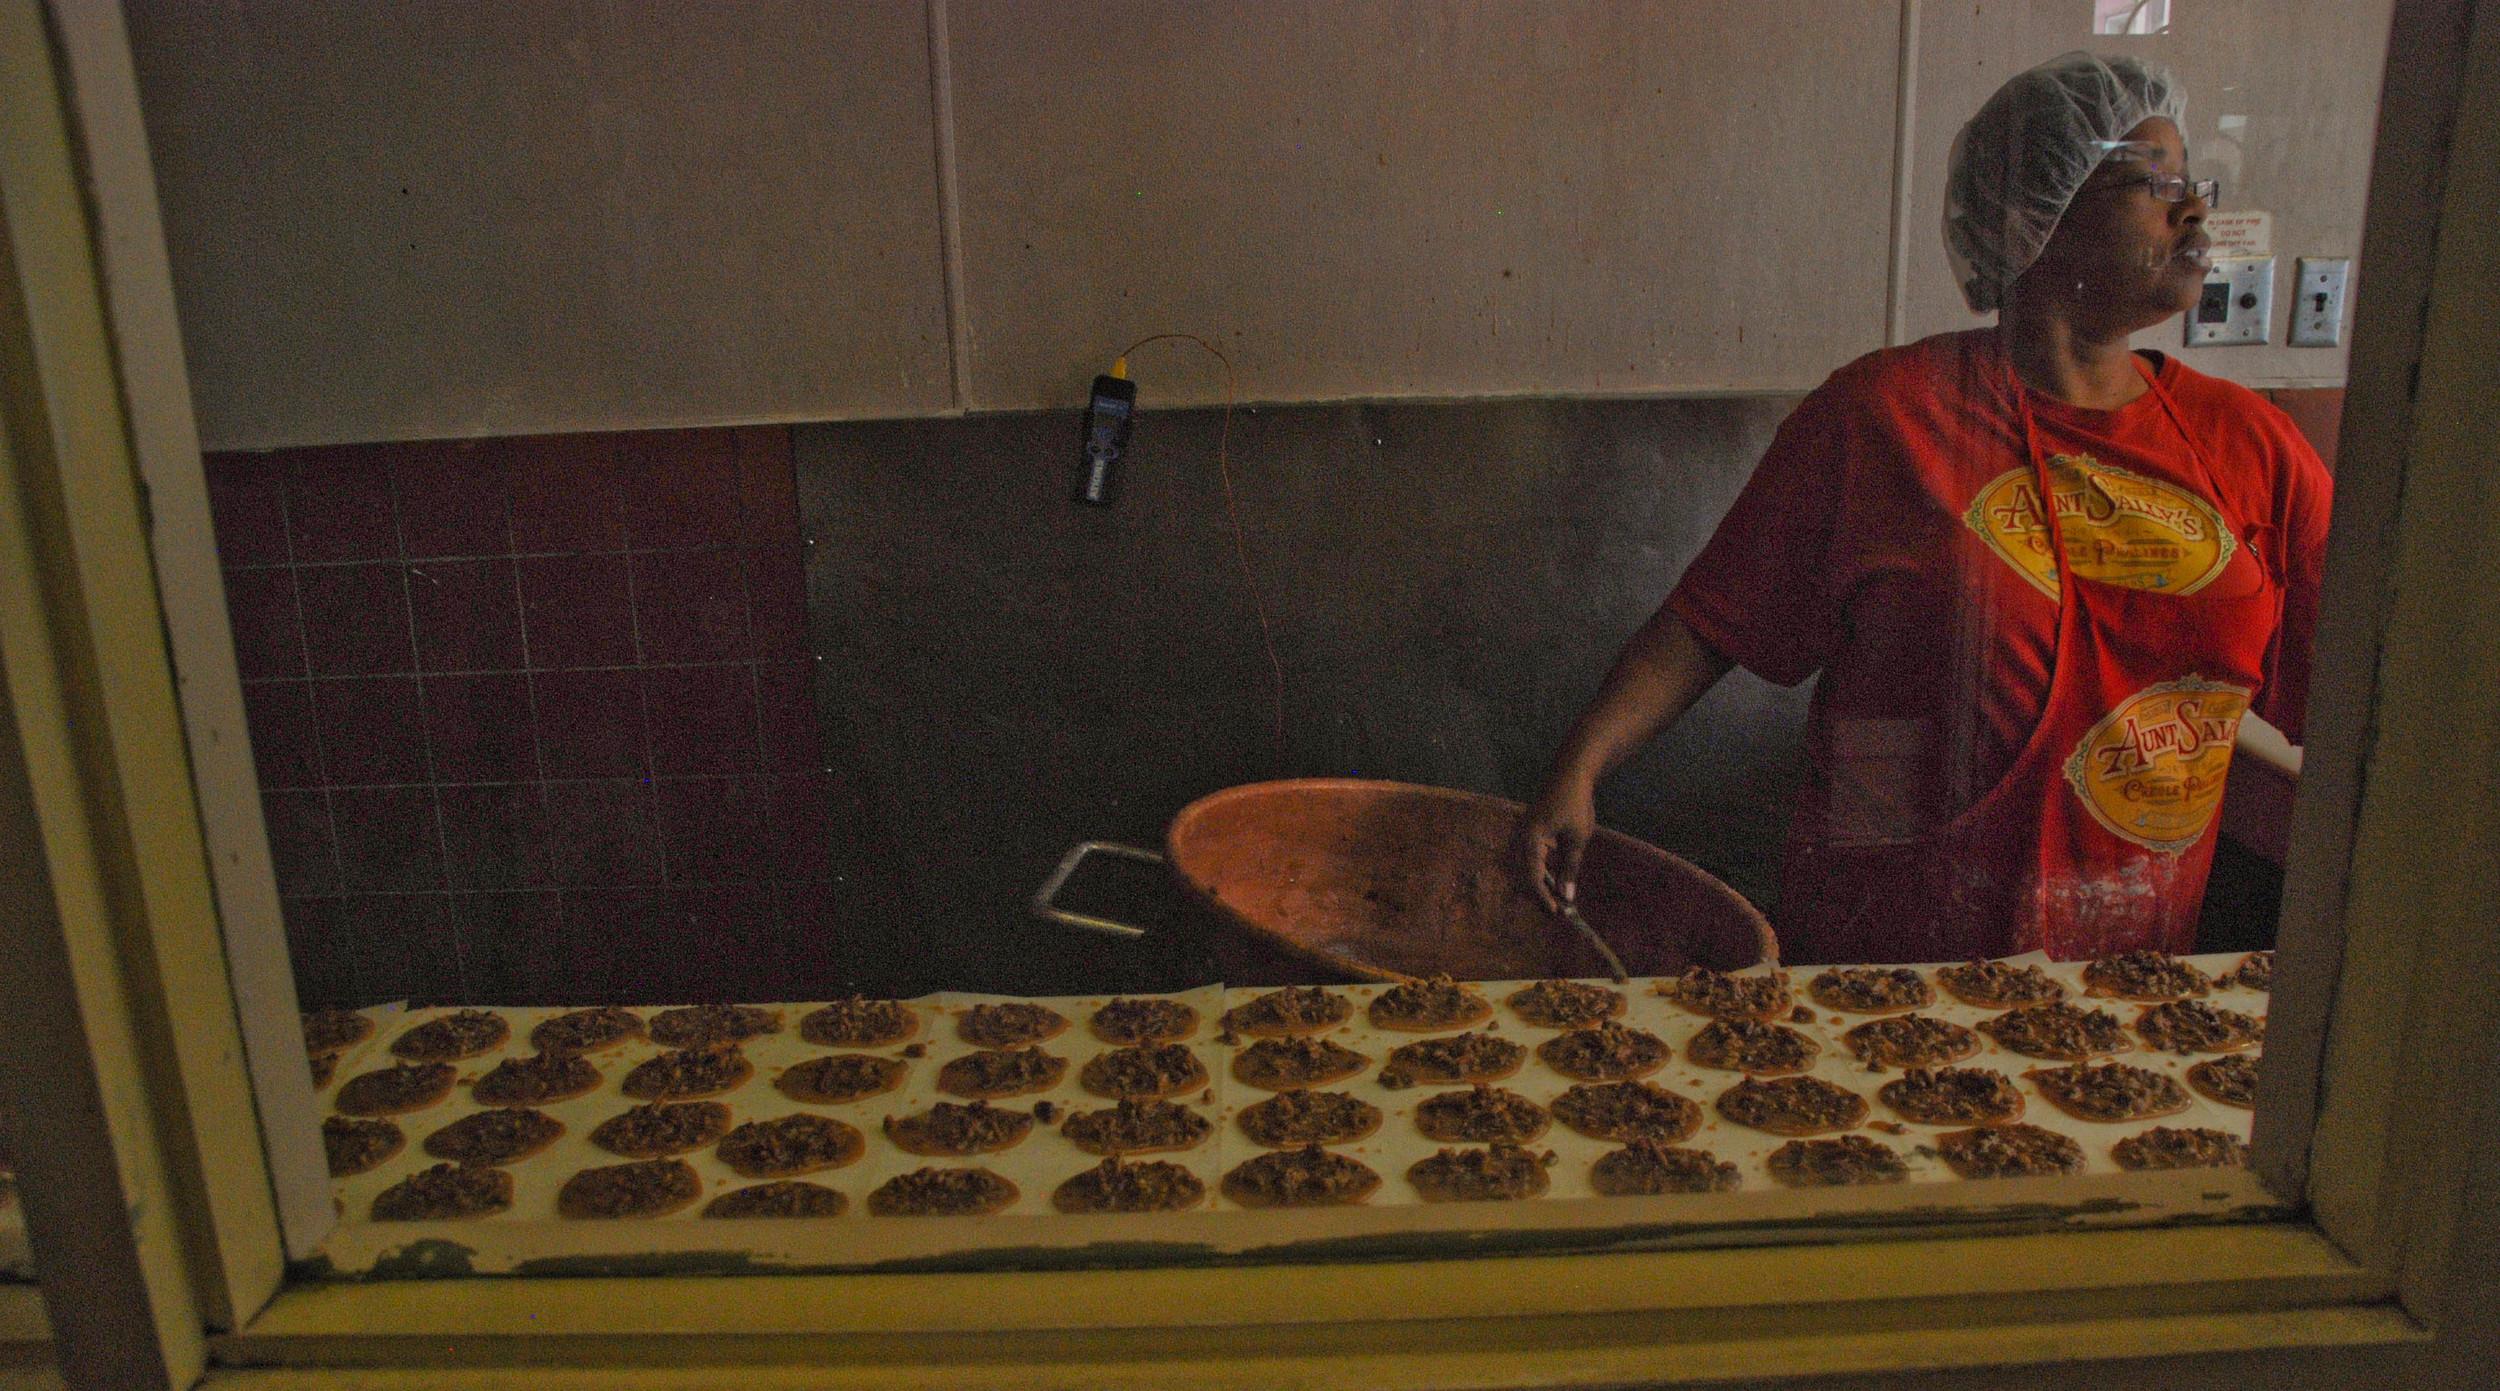 praline baker